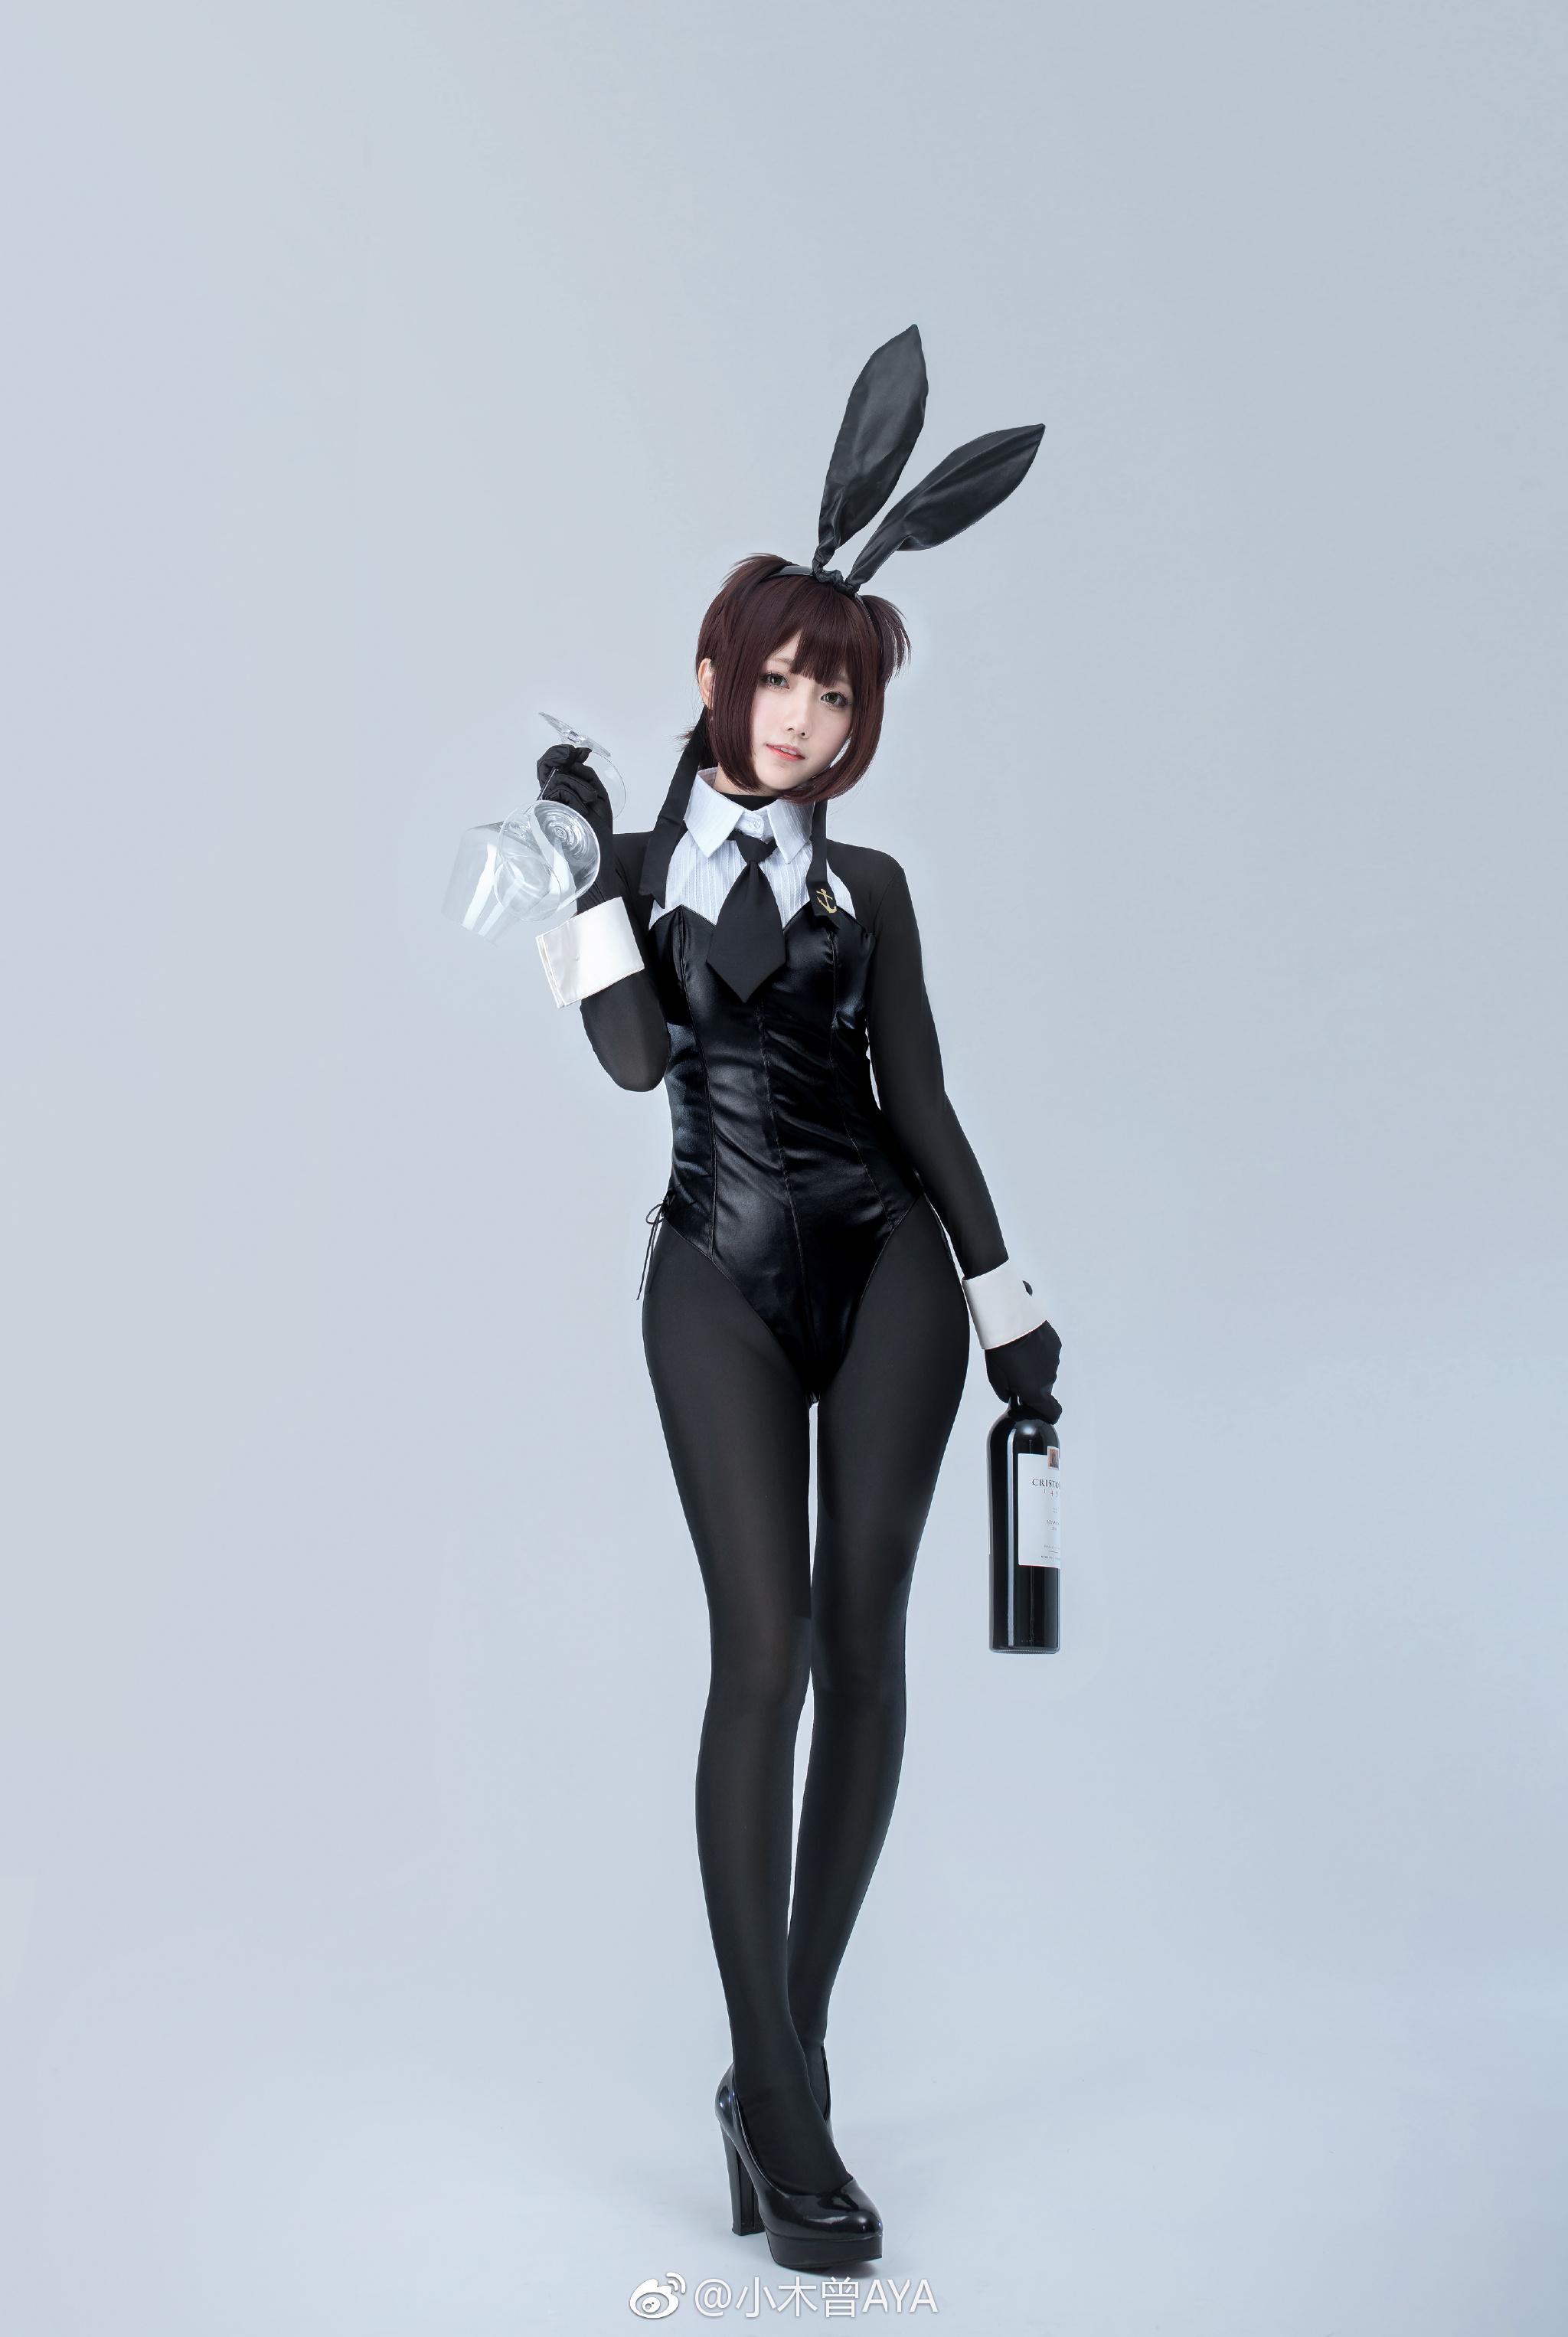 【萌妹子网】微博萌妹@小木曾AYA的兔女郎舰娘Cos(9P)